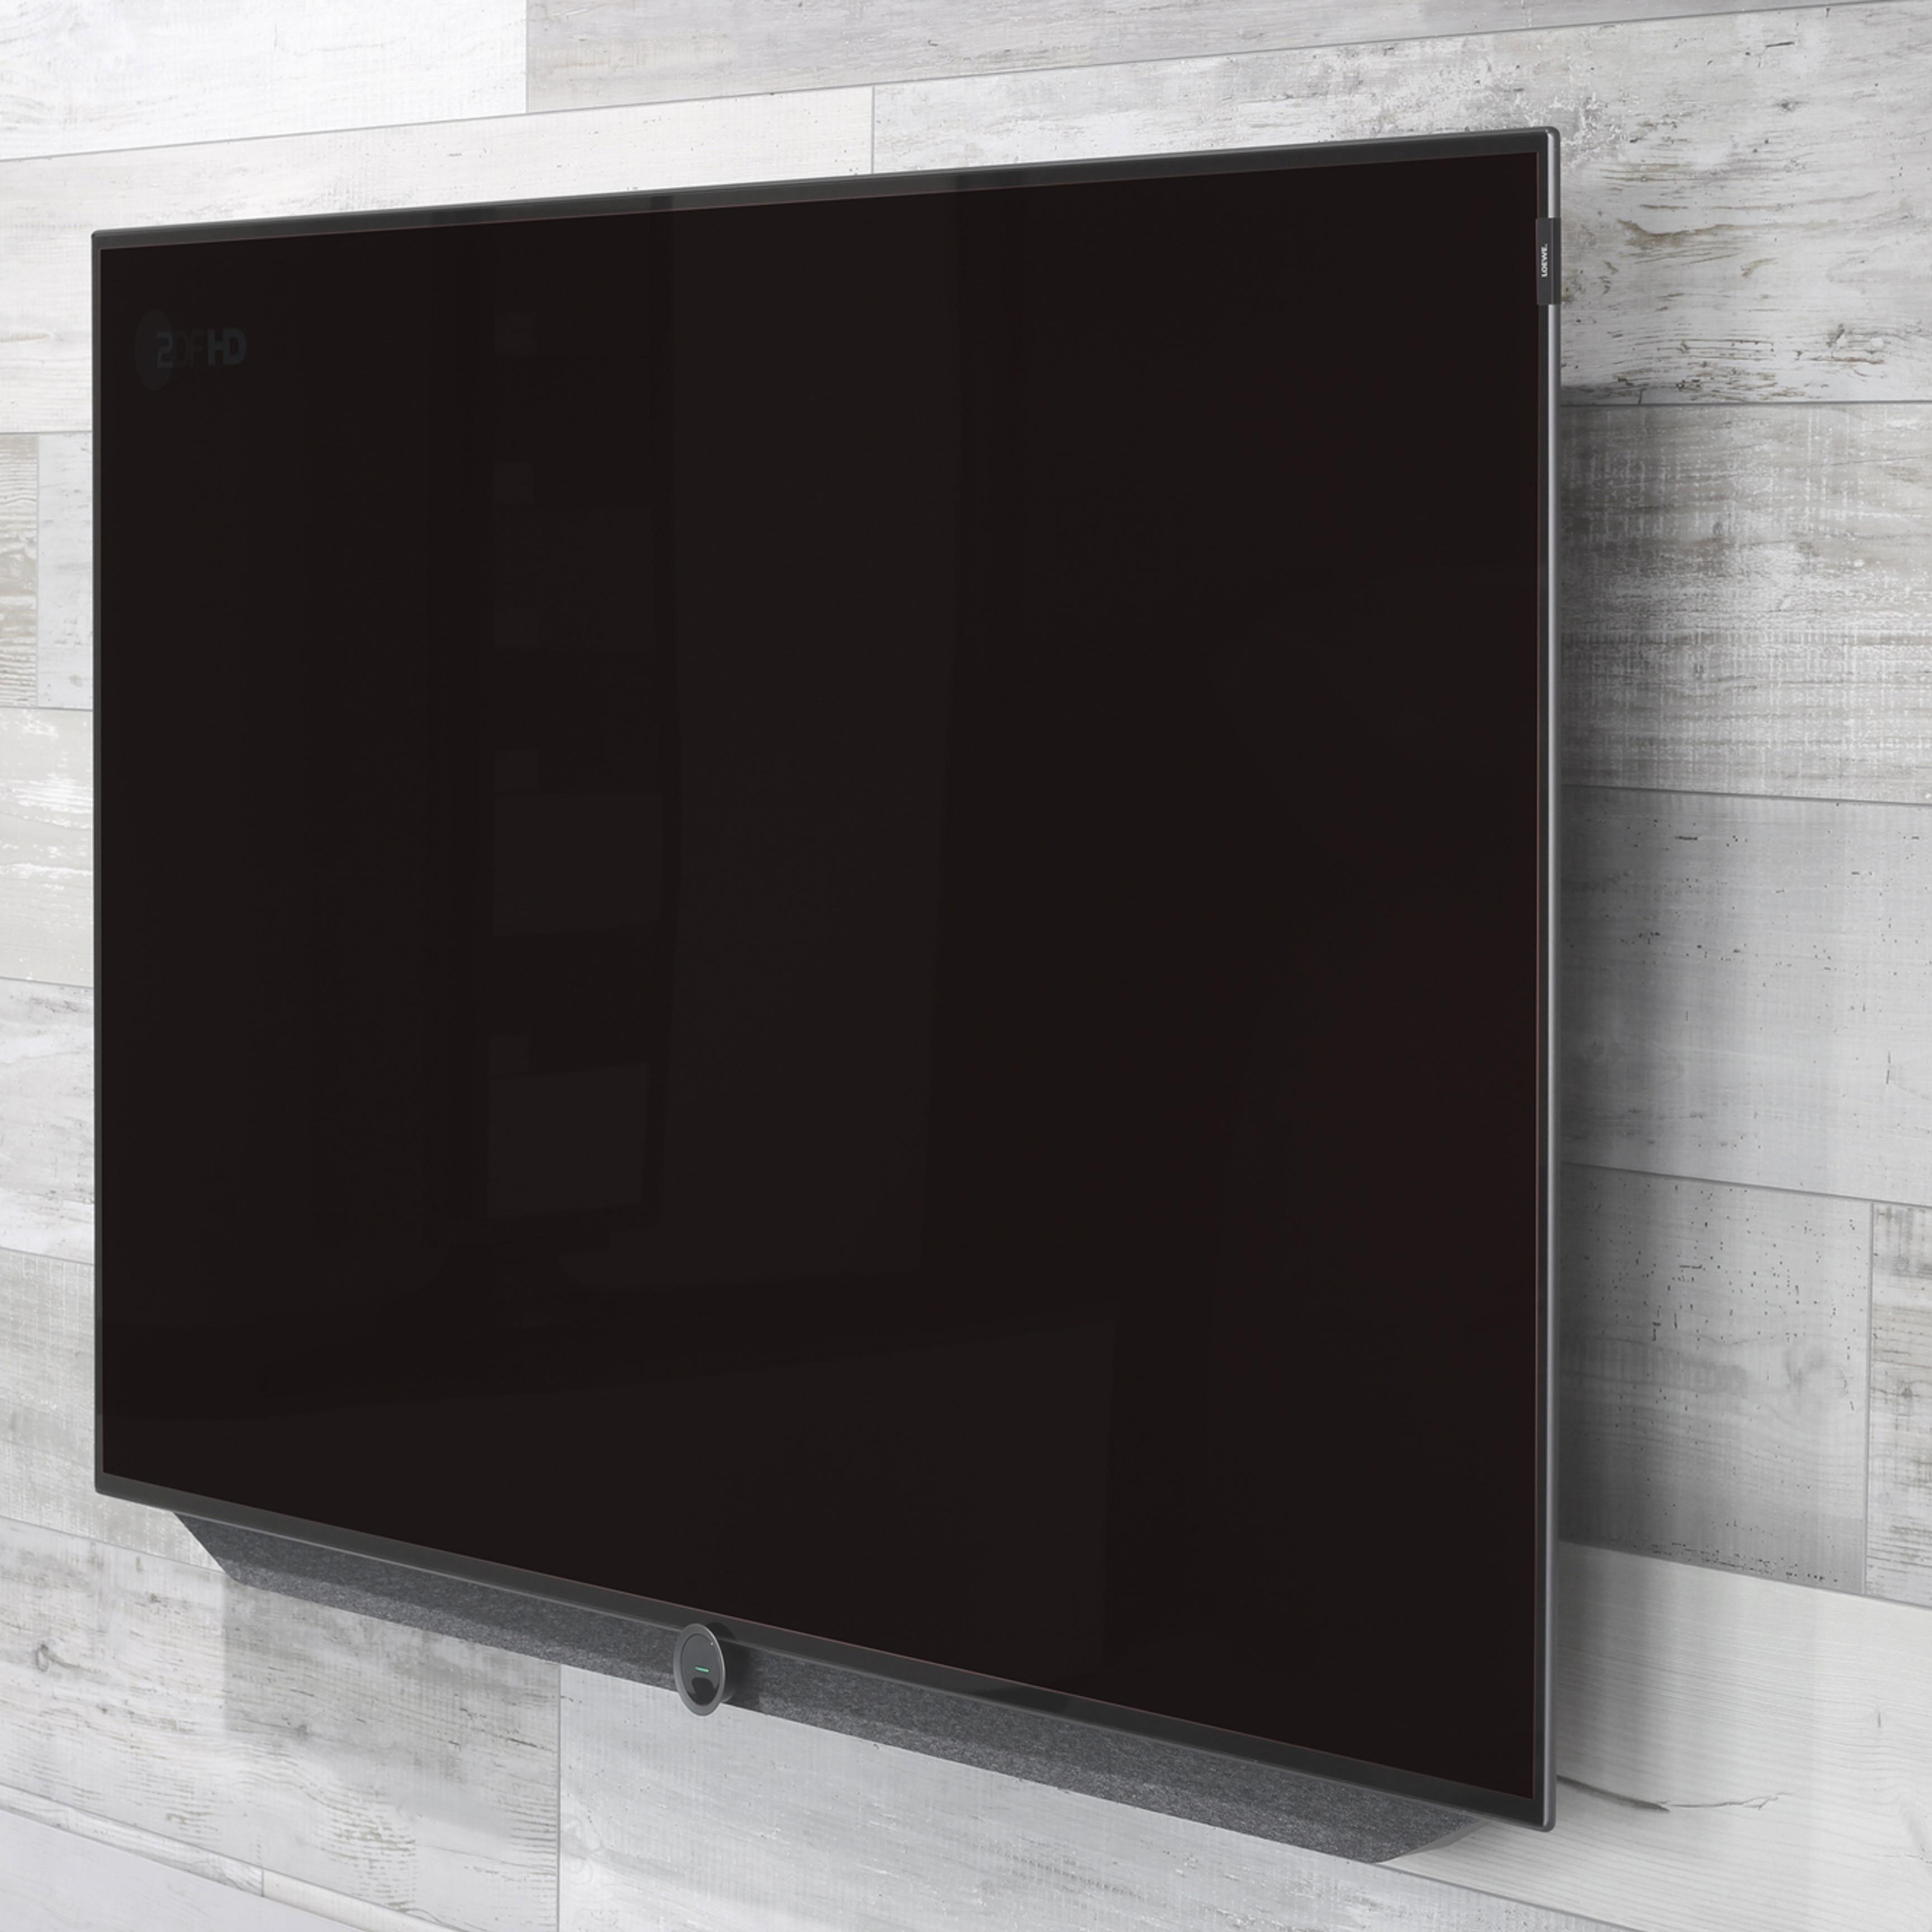 Mount TV on Wall